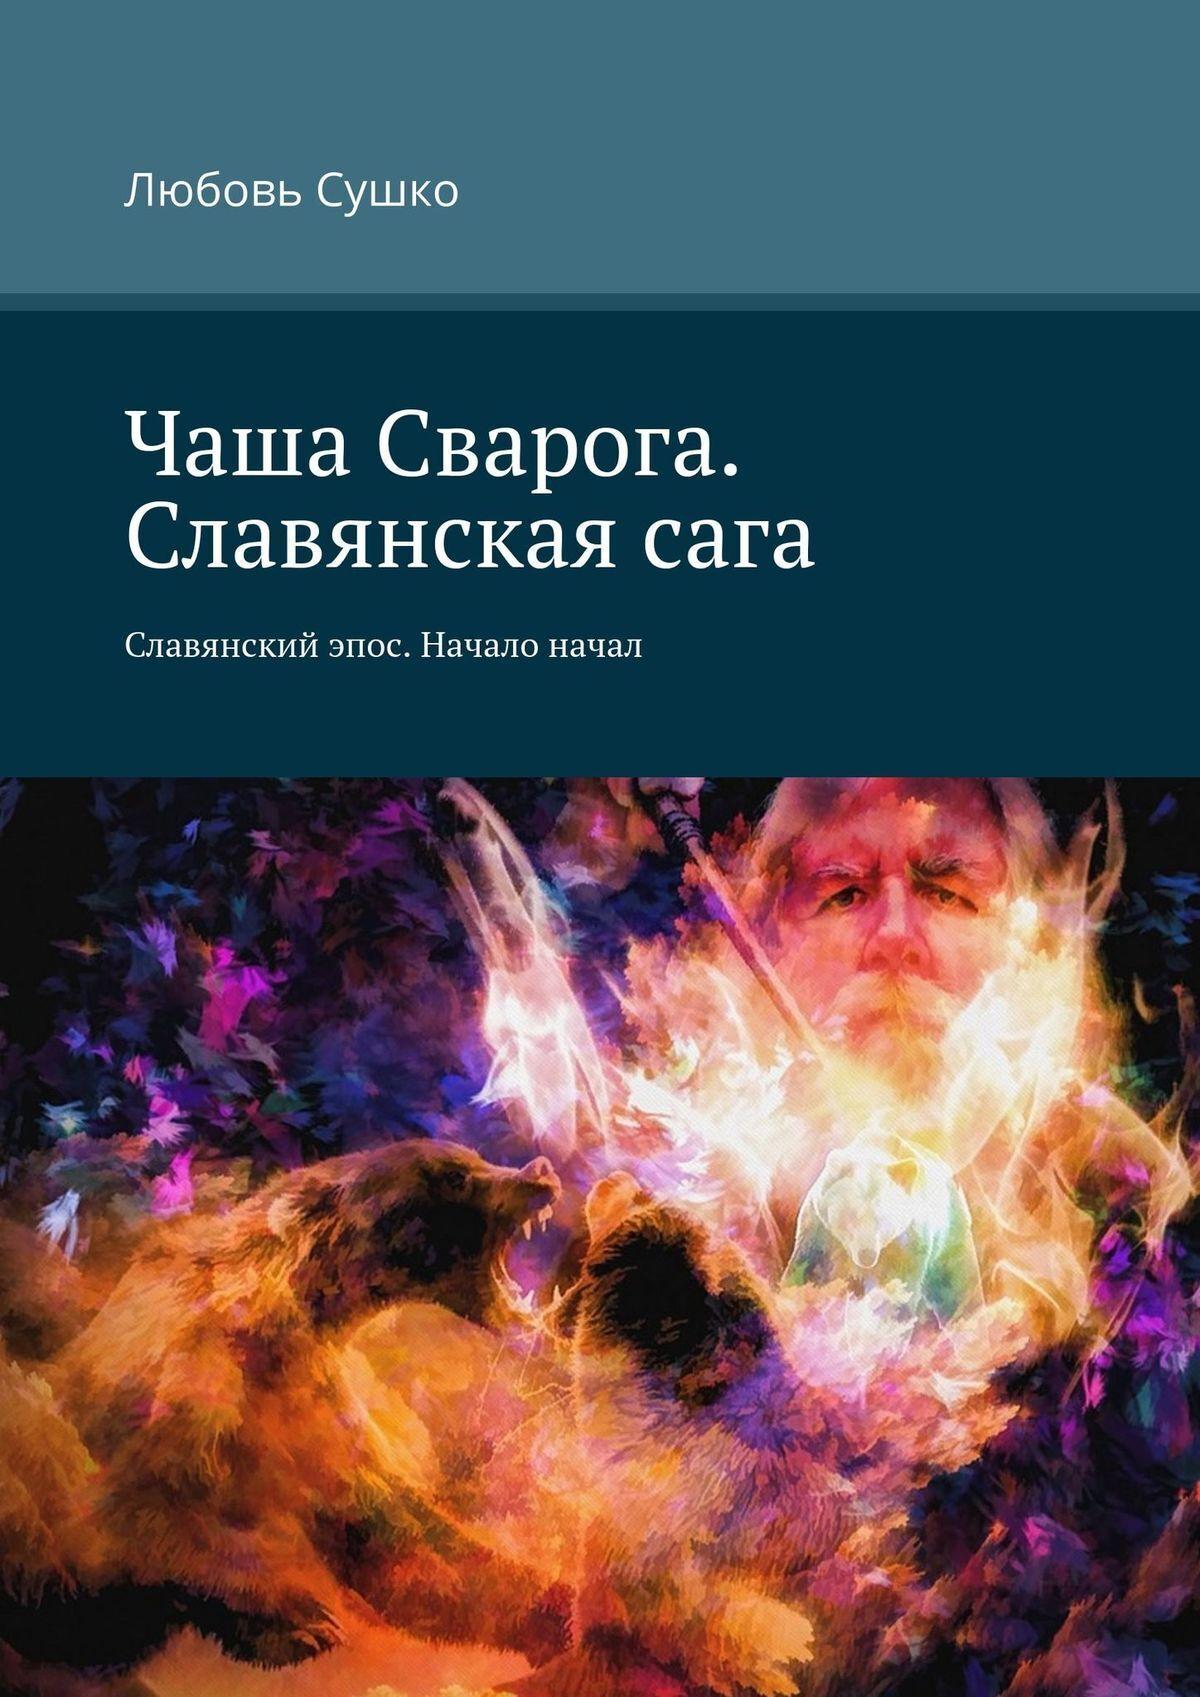 Любовь Сушко Чаша Сварога. Славянскаясага. Славянский эпос. Начало начал